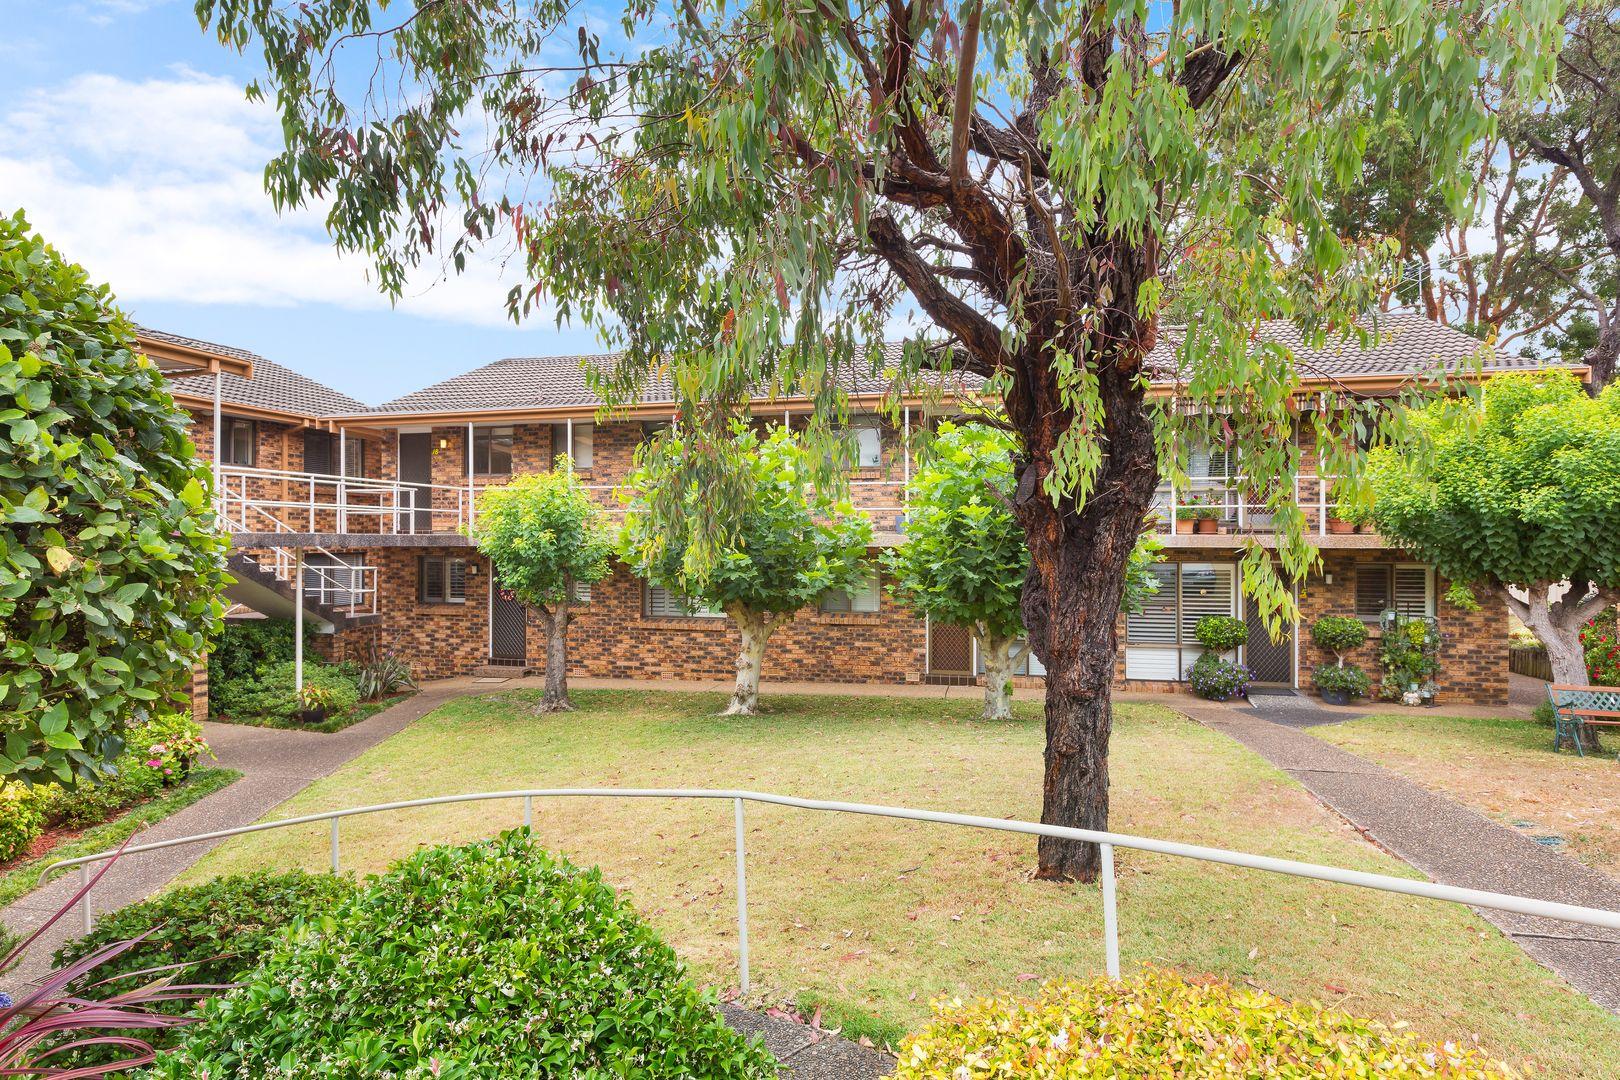 18/2-6 Jacaranda Road, Caringbah NSW 2229, Image 0